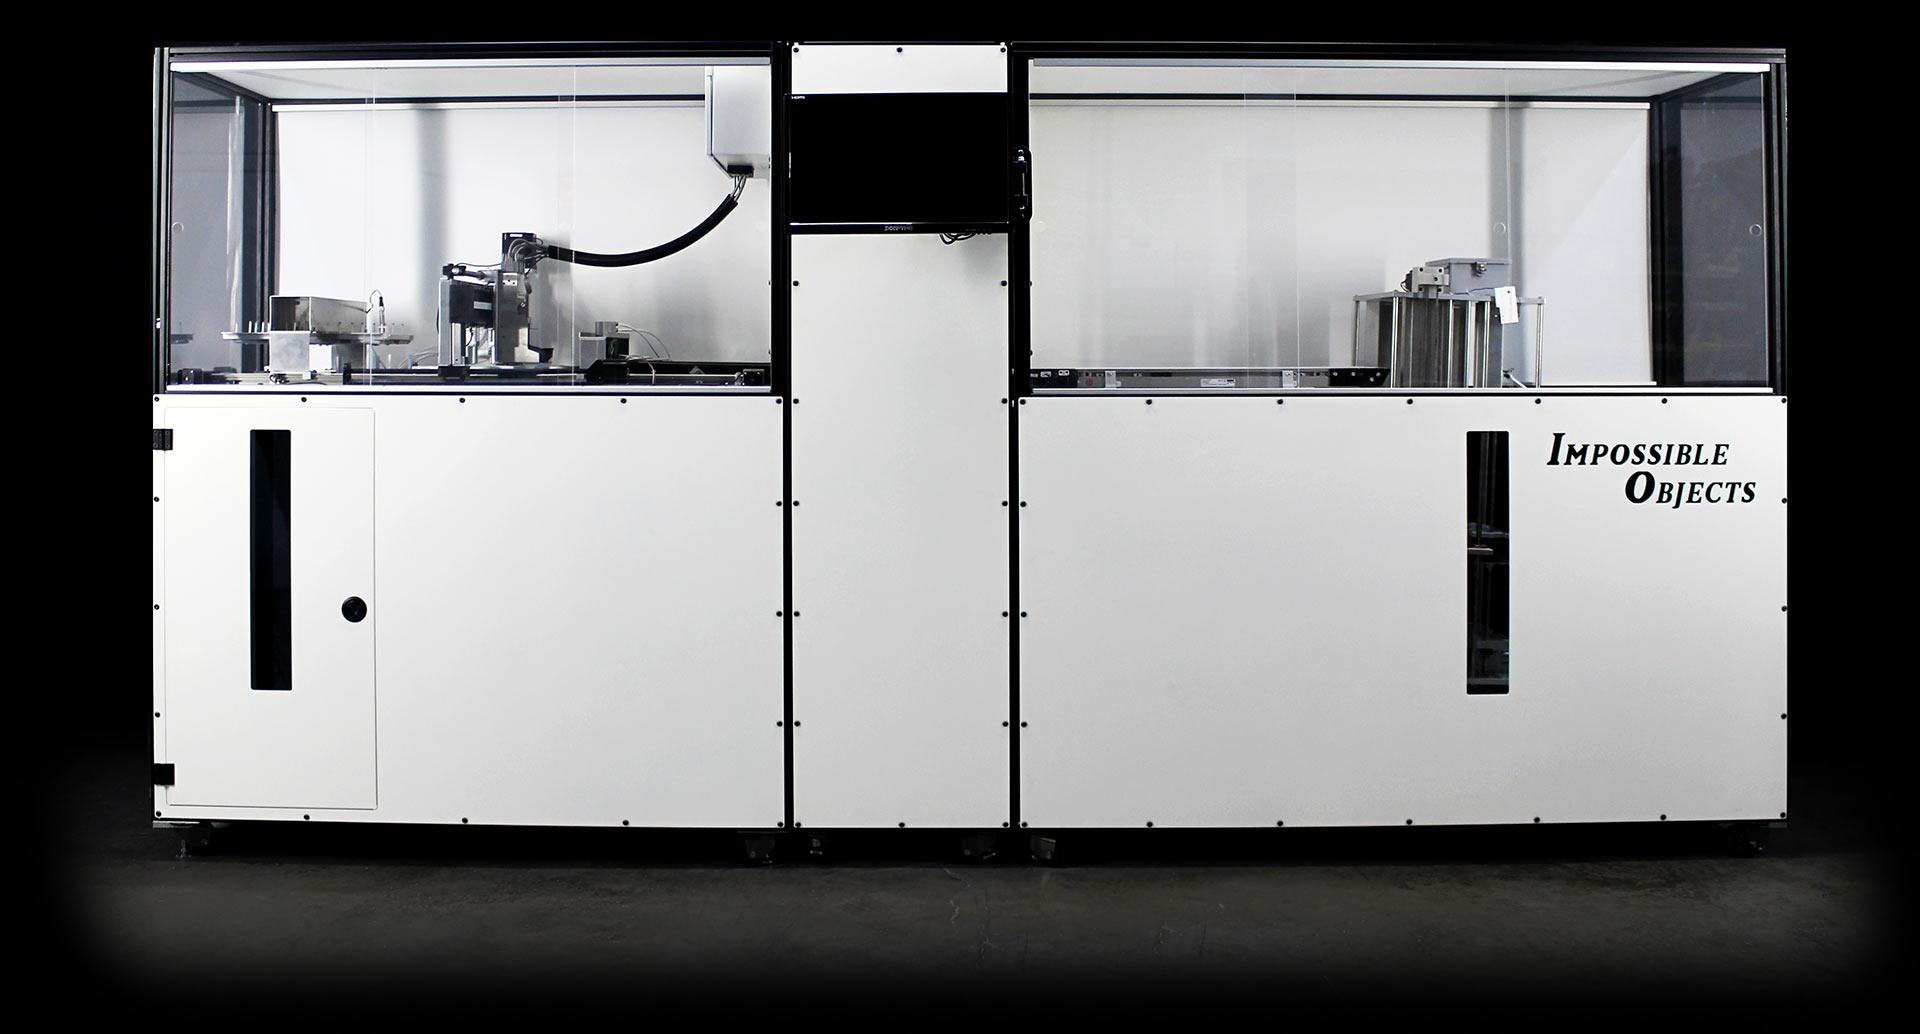 インポシブル・オブジェクツが混合素材造形3Dプリンターをリリース